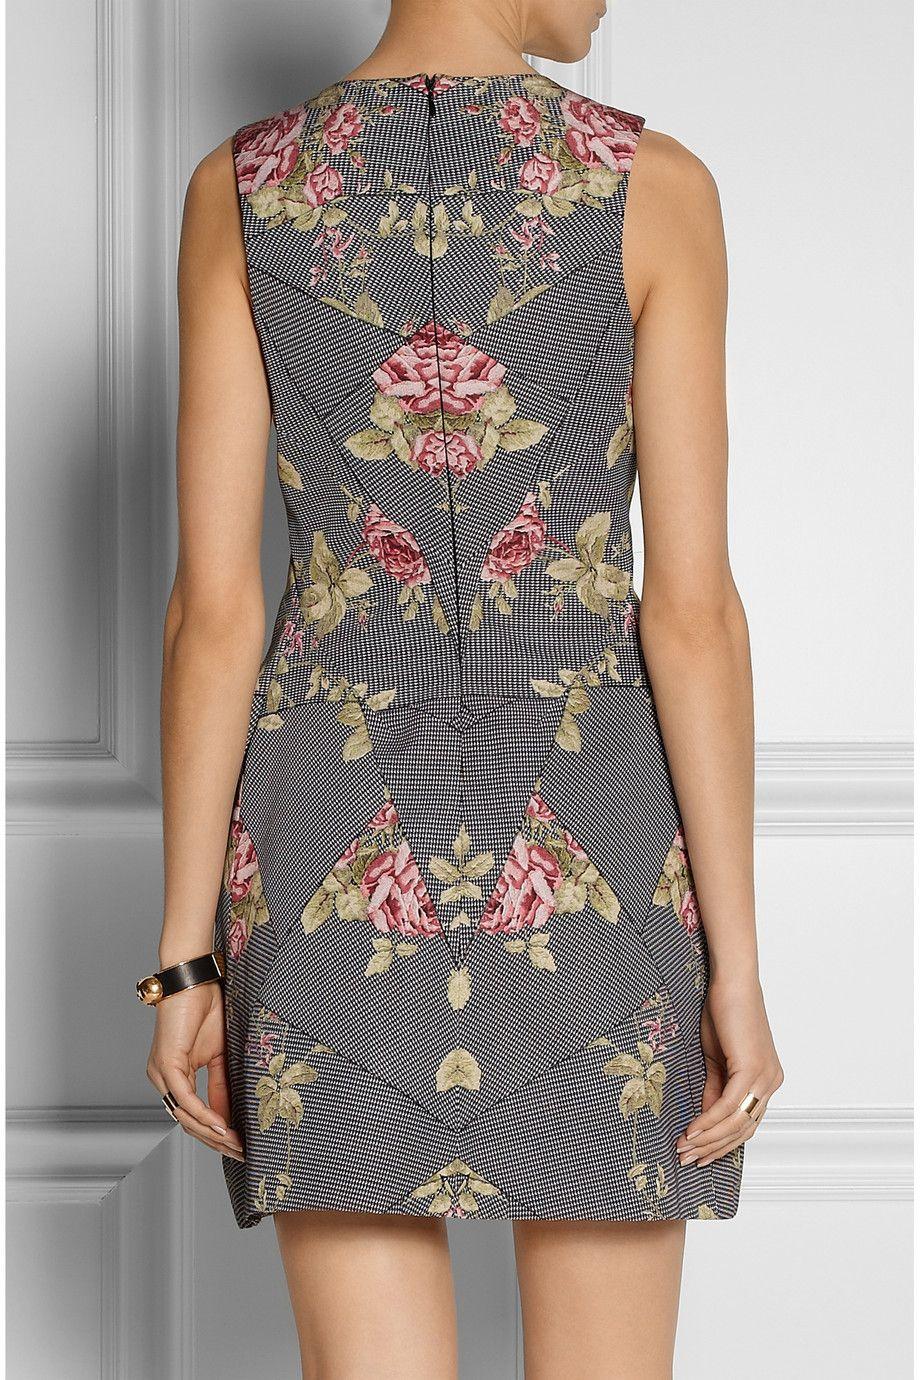 McQ Alexander McQueen|Printed cotton-blend faille dress|NET-A-PORTER.COM